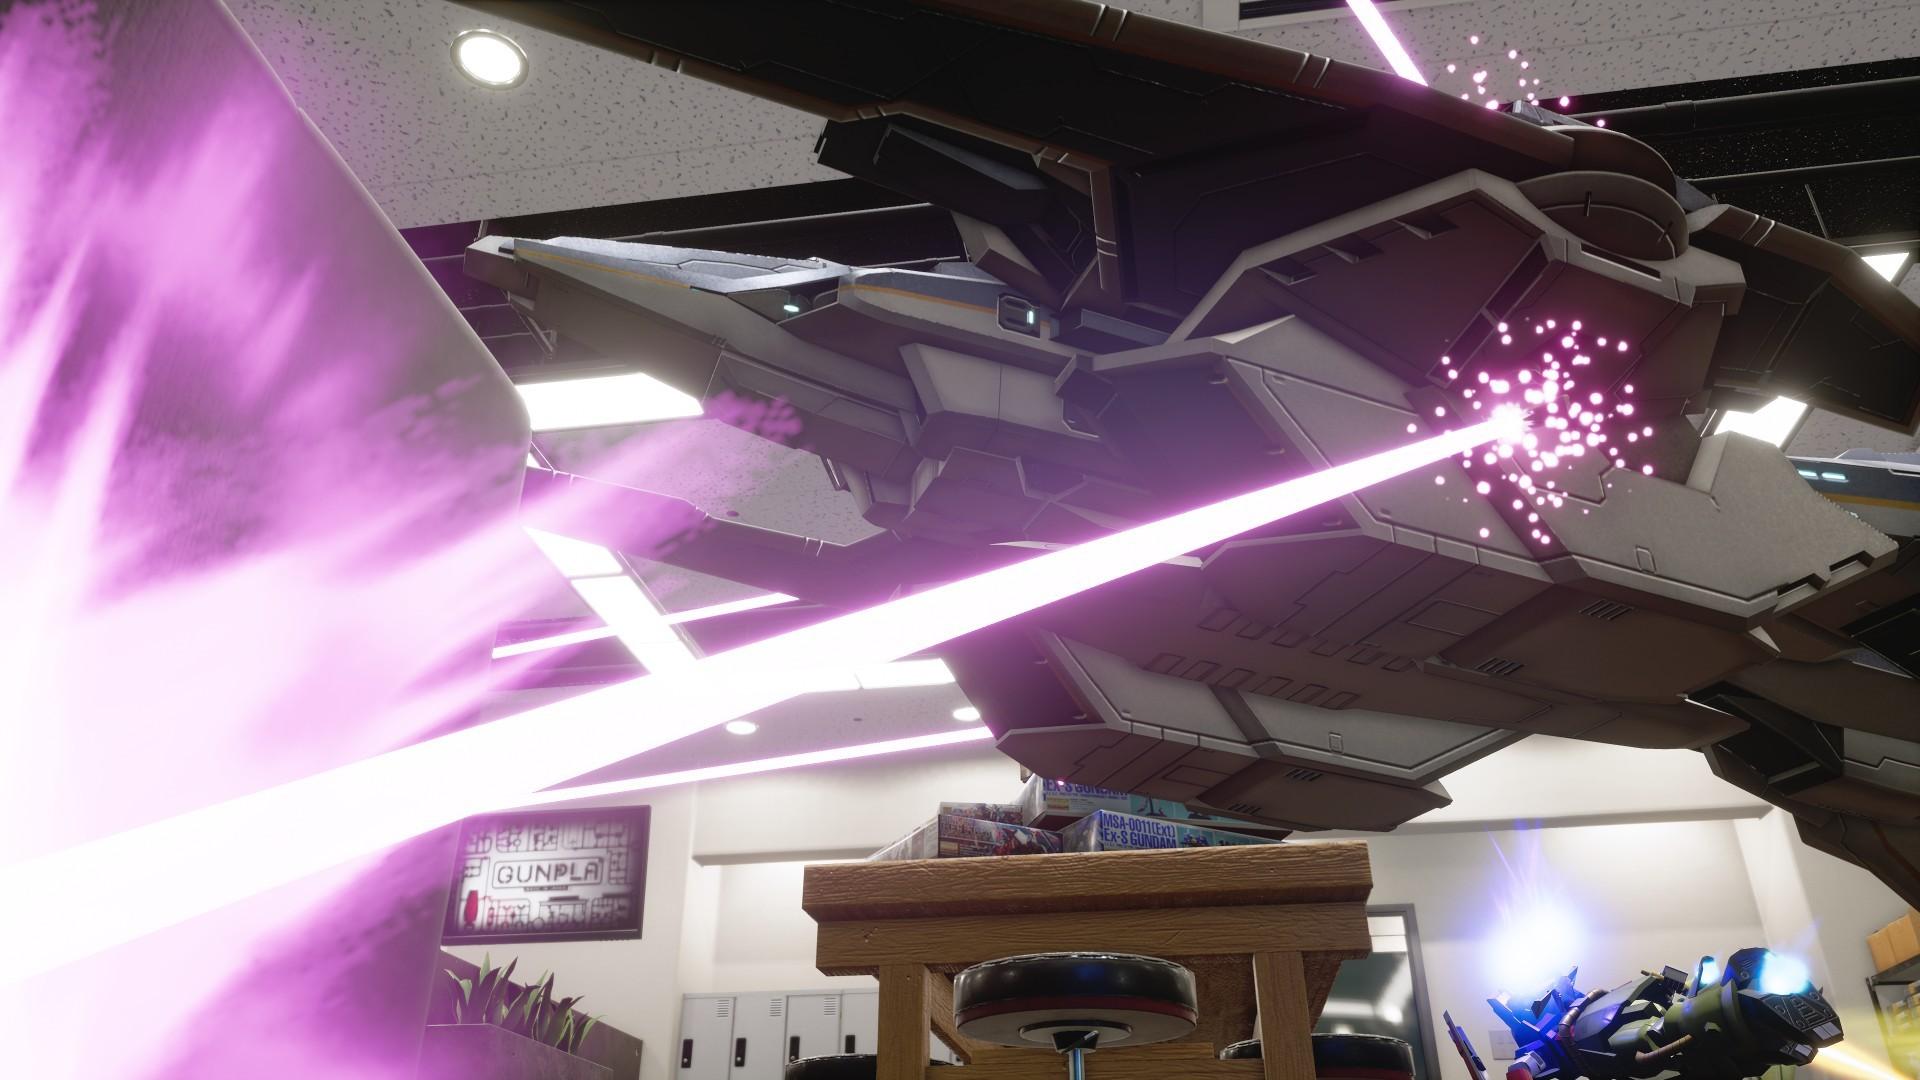 新高达破坏者/New Gundam Breaker插图1